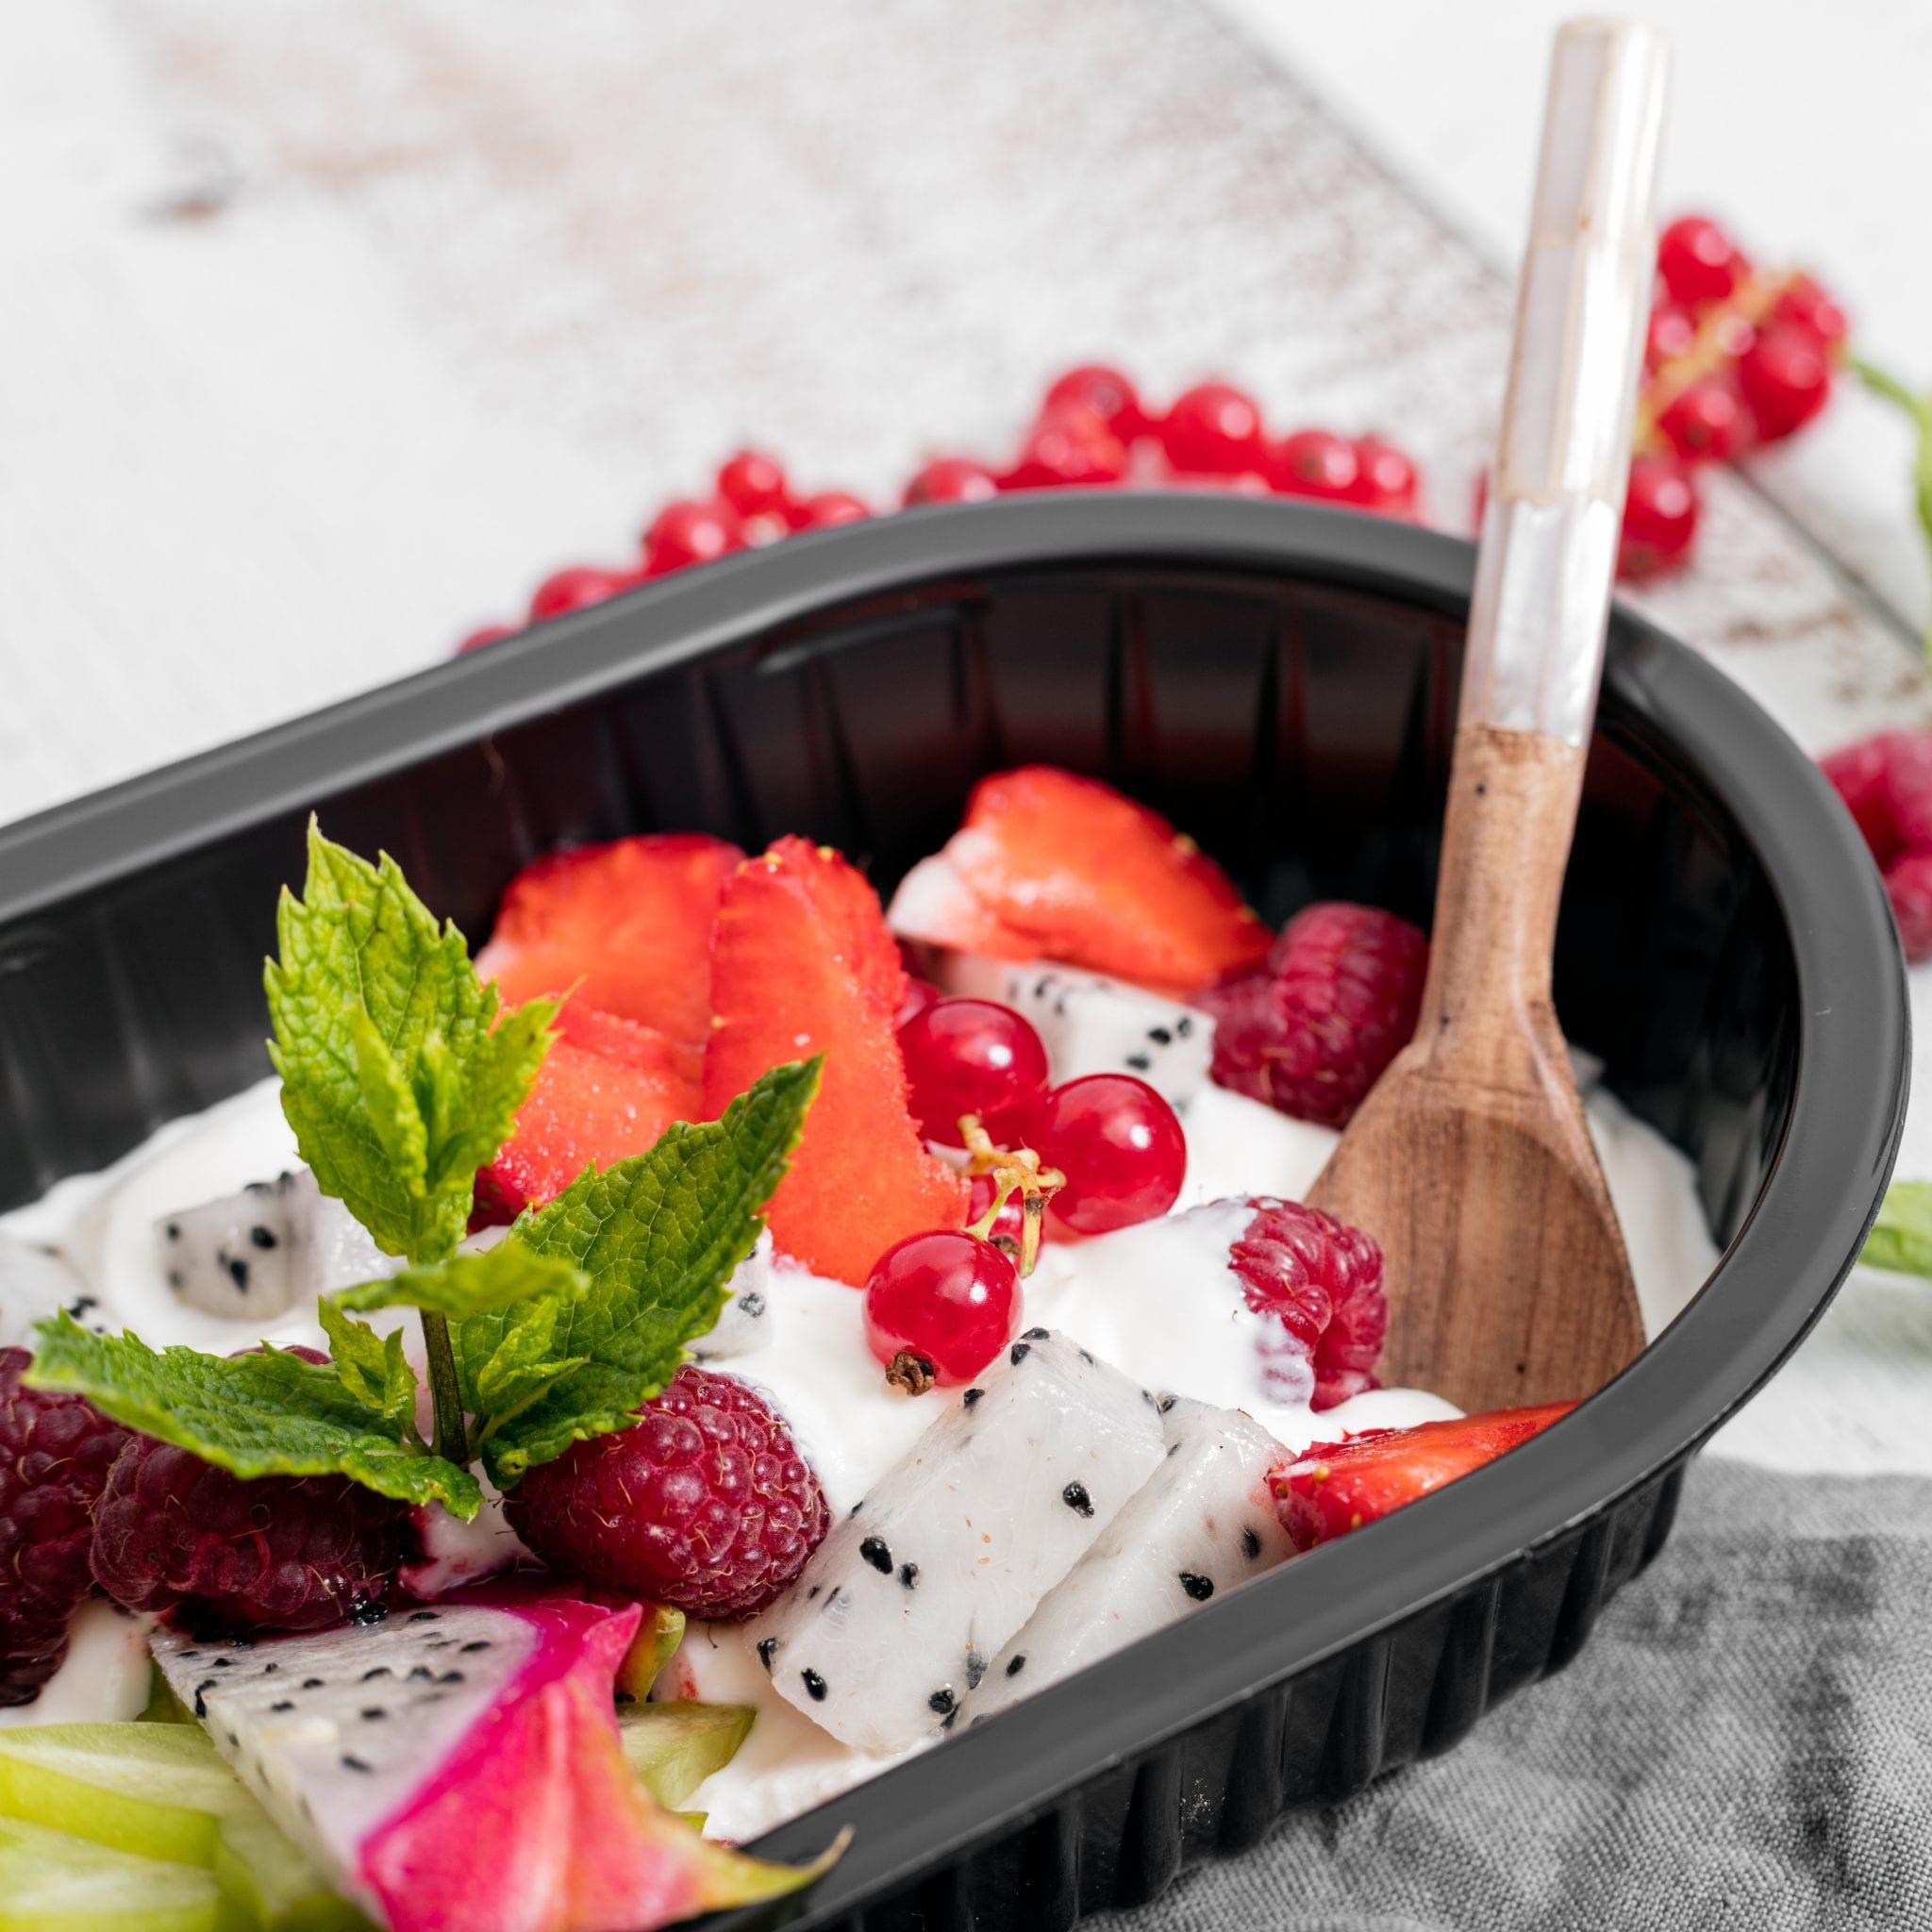 Zdrowa dieta zmniejsza ryzyko wystąpienia nowotworu